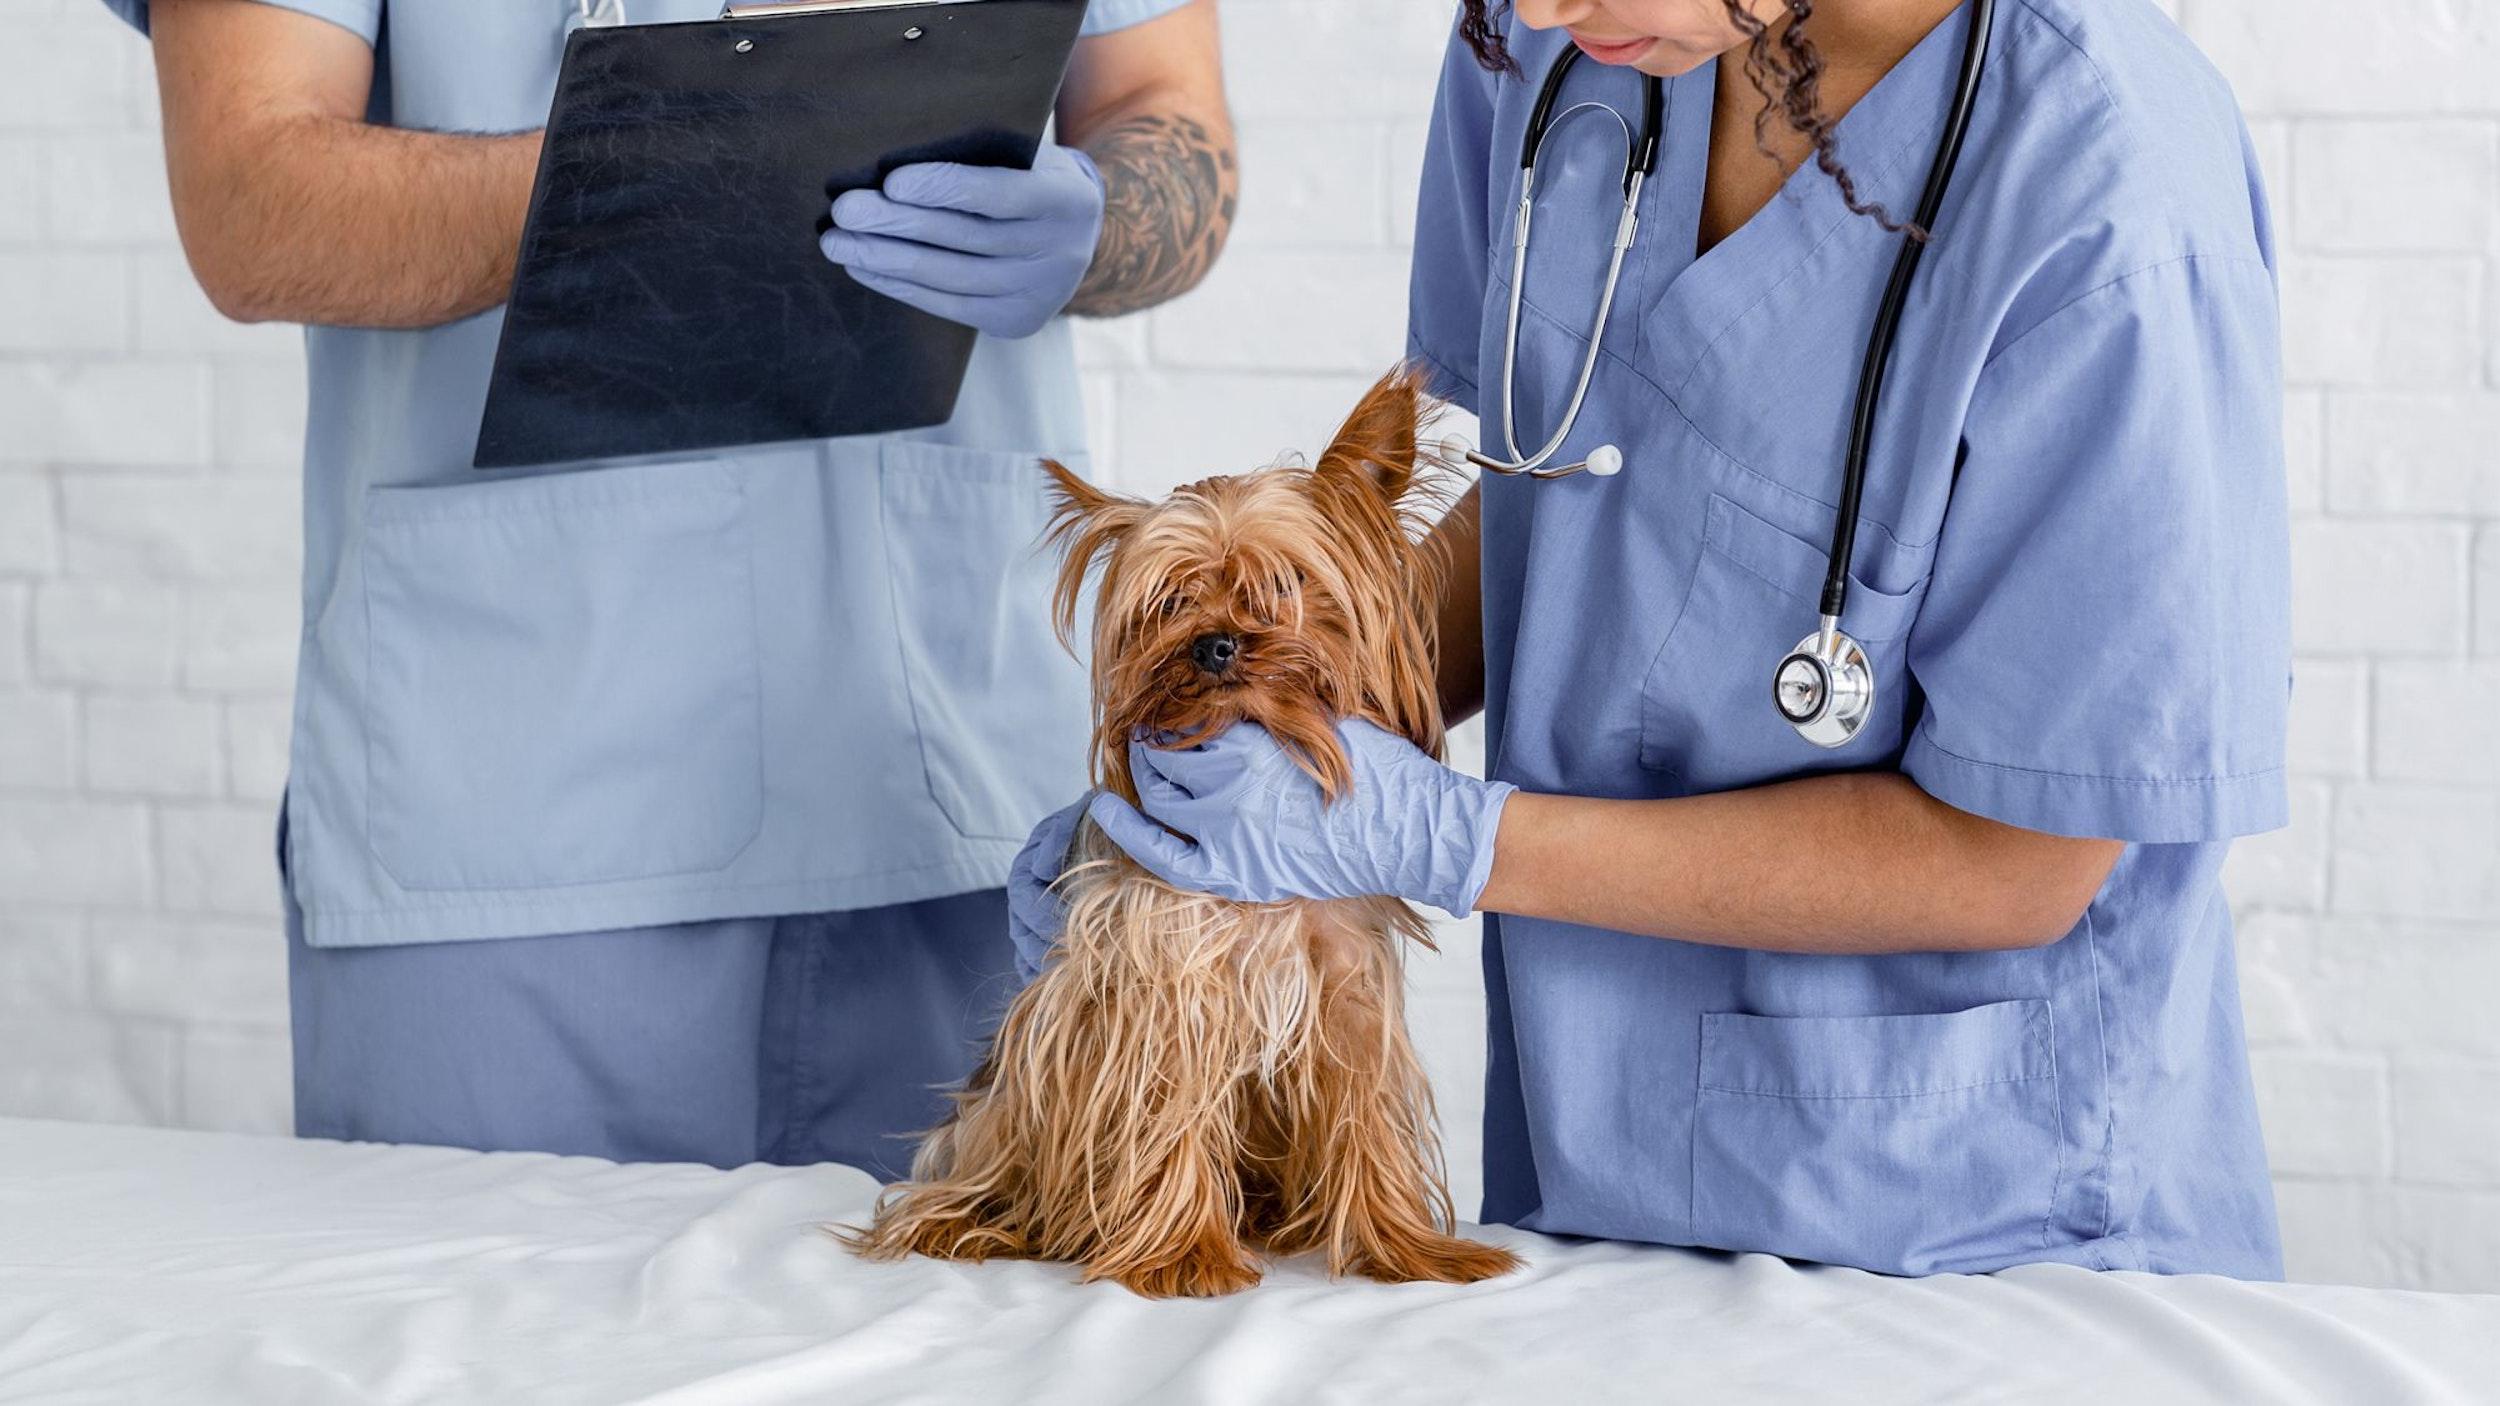 Deux vétérinaires examinant un chien marron